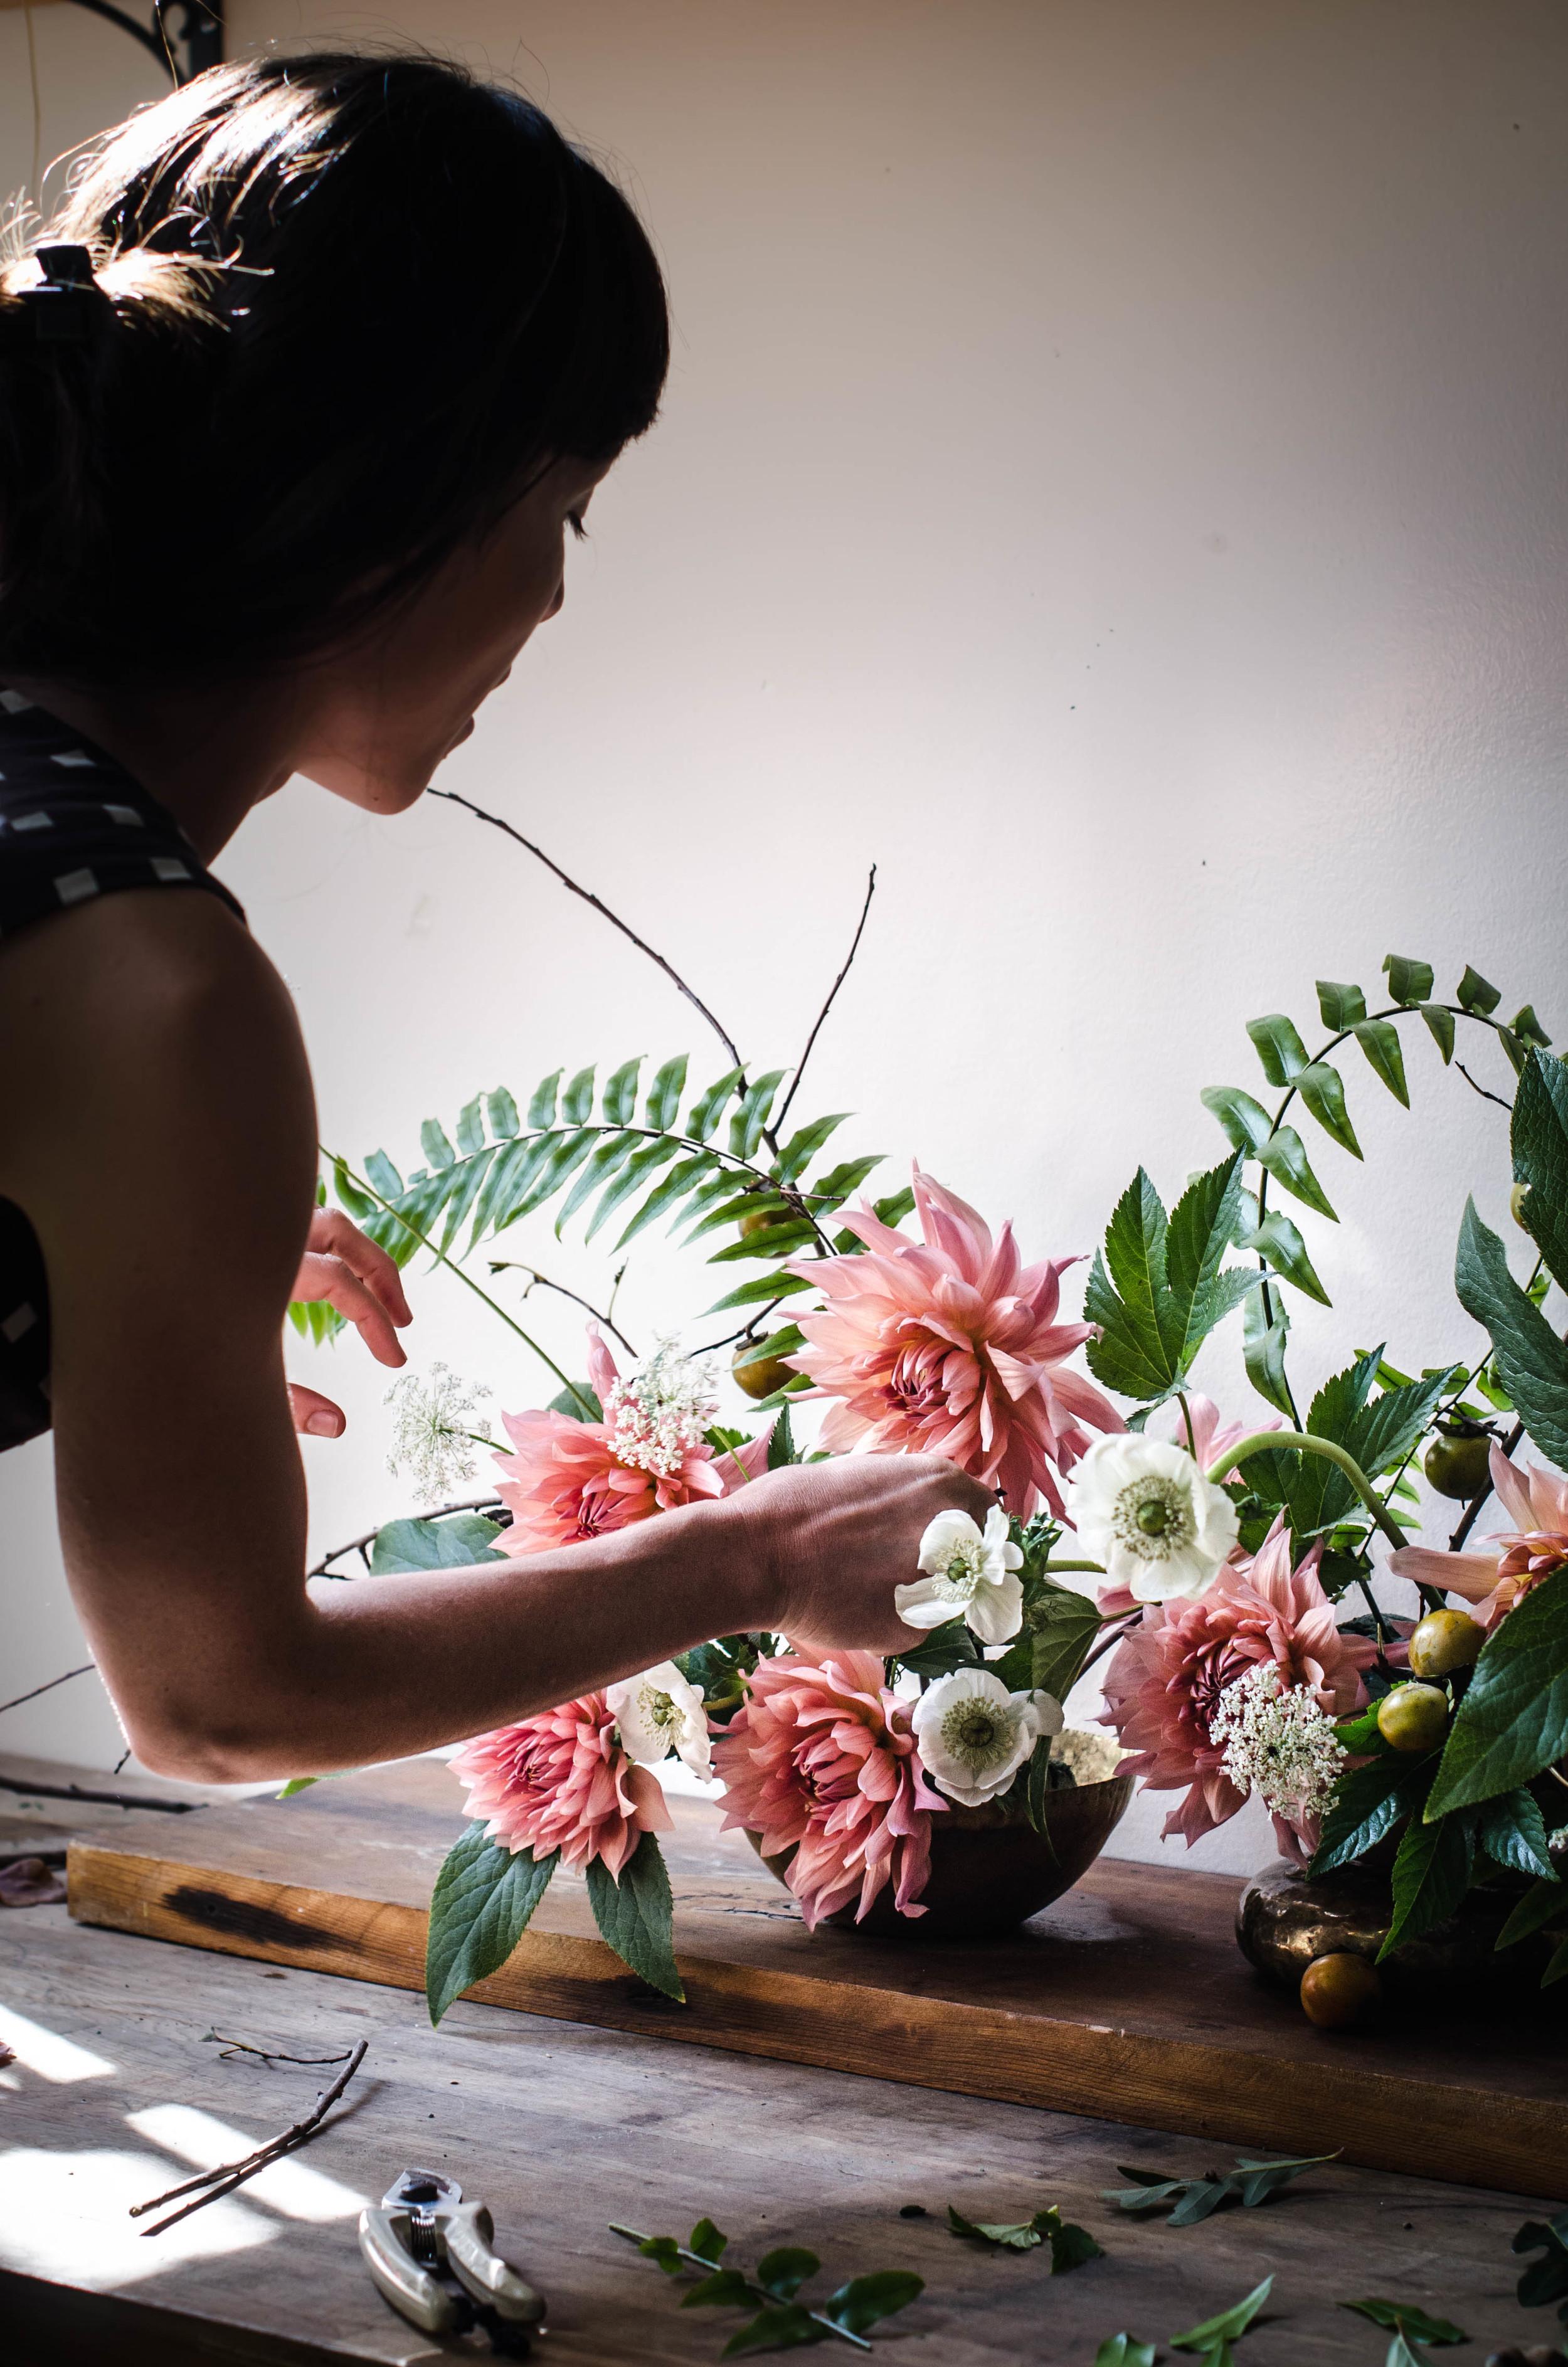 ROSE & IVY Journal Ariel Dearie The Garden Edit